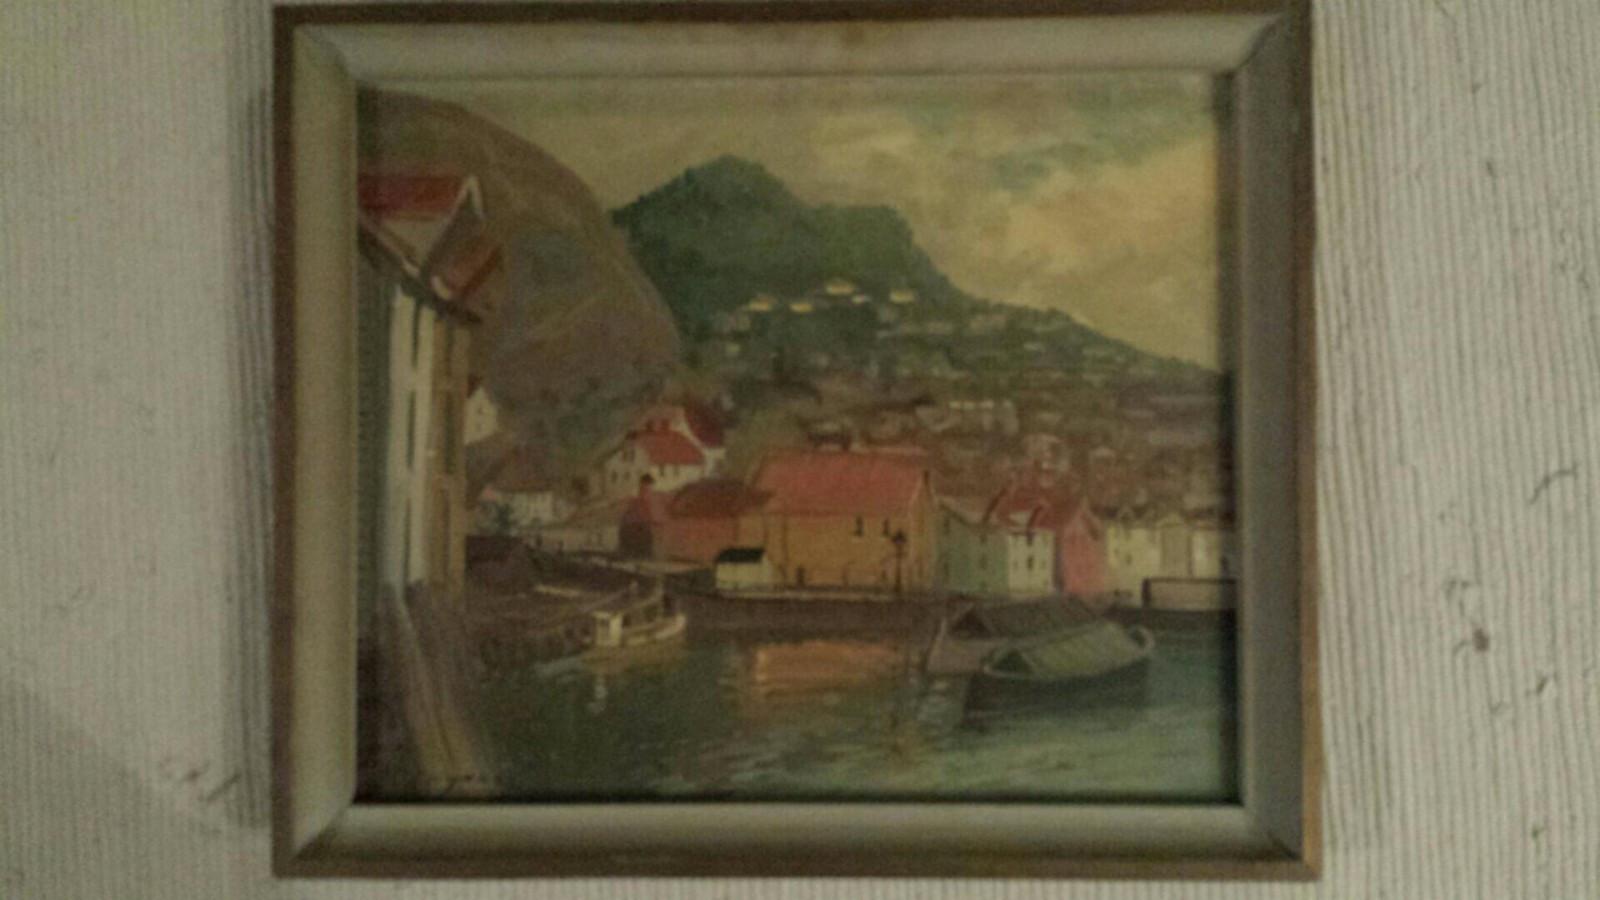 Maleri av Andreas Grynne - Loddefjord  - Høyde 43 cm og bredde 51 cm - Loddefjord